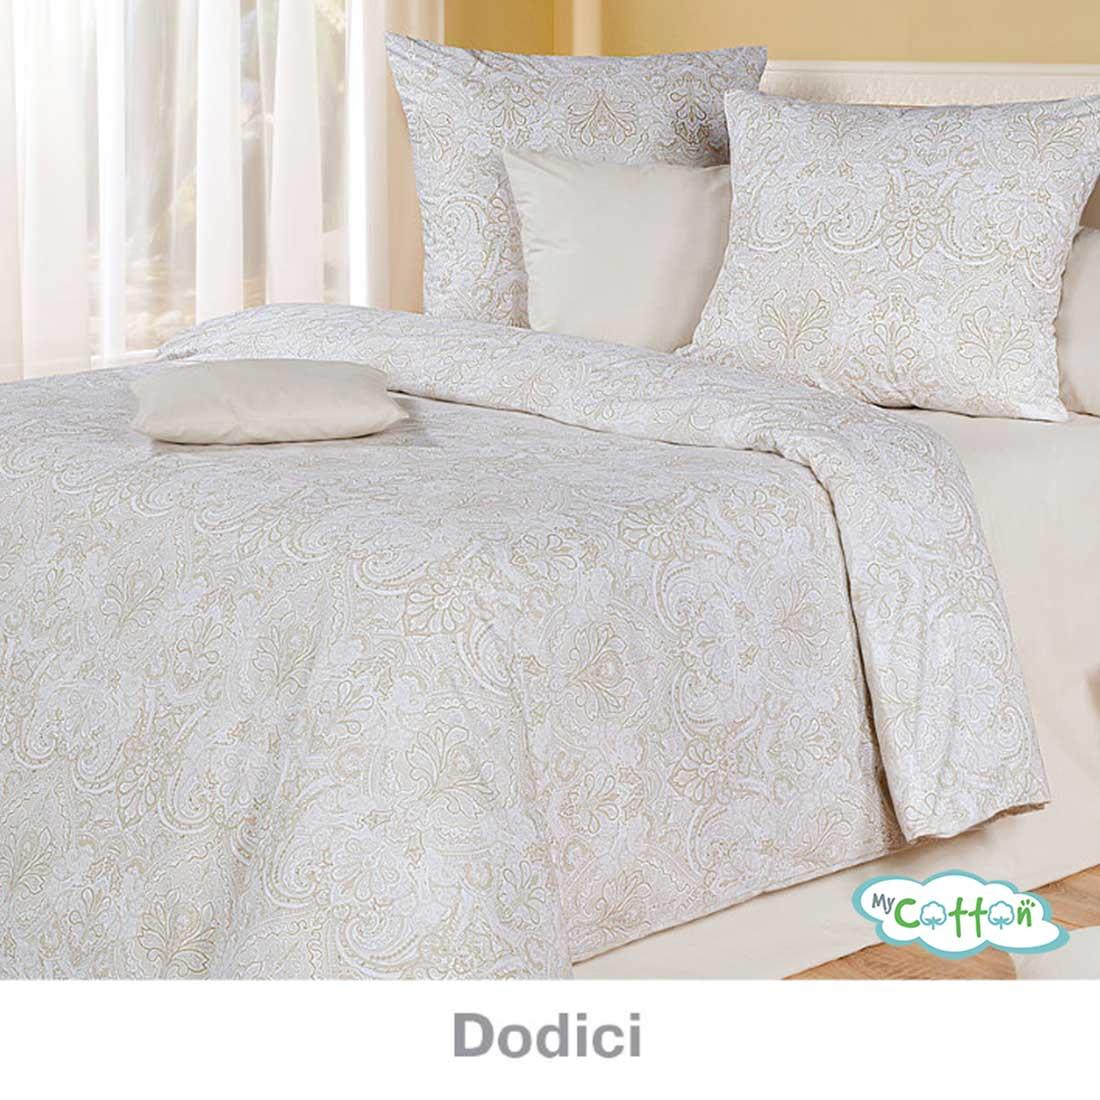 Постельное белье Dodici (Додичи) коллекцияВаленсия (Valencia)